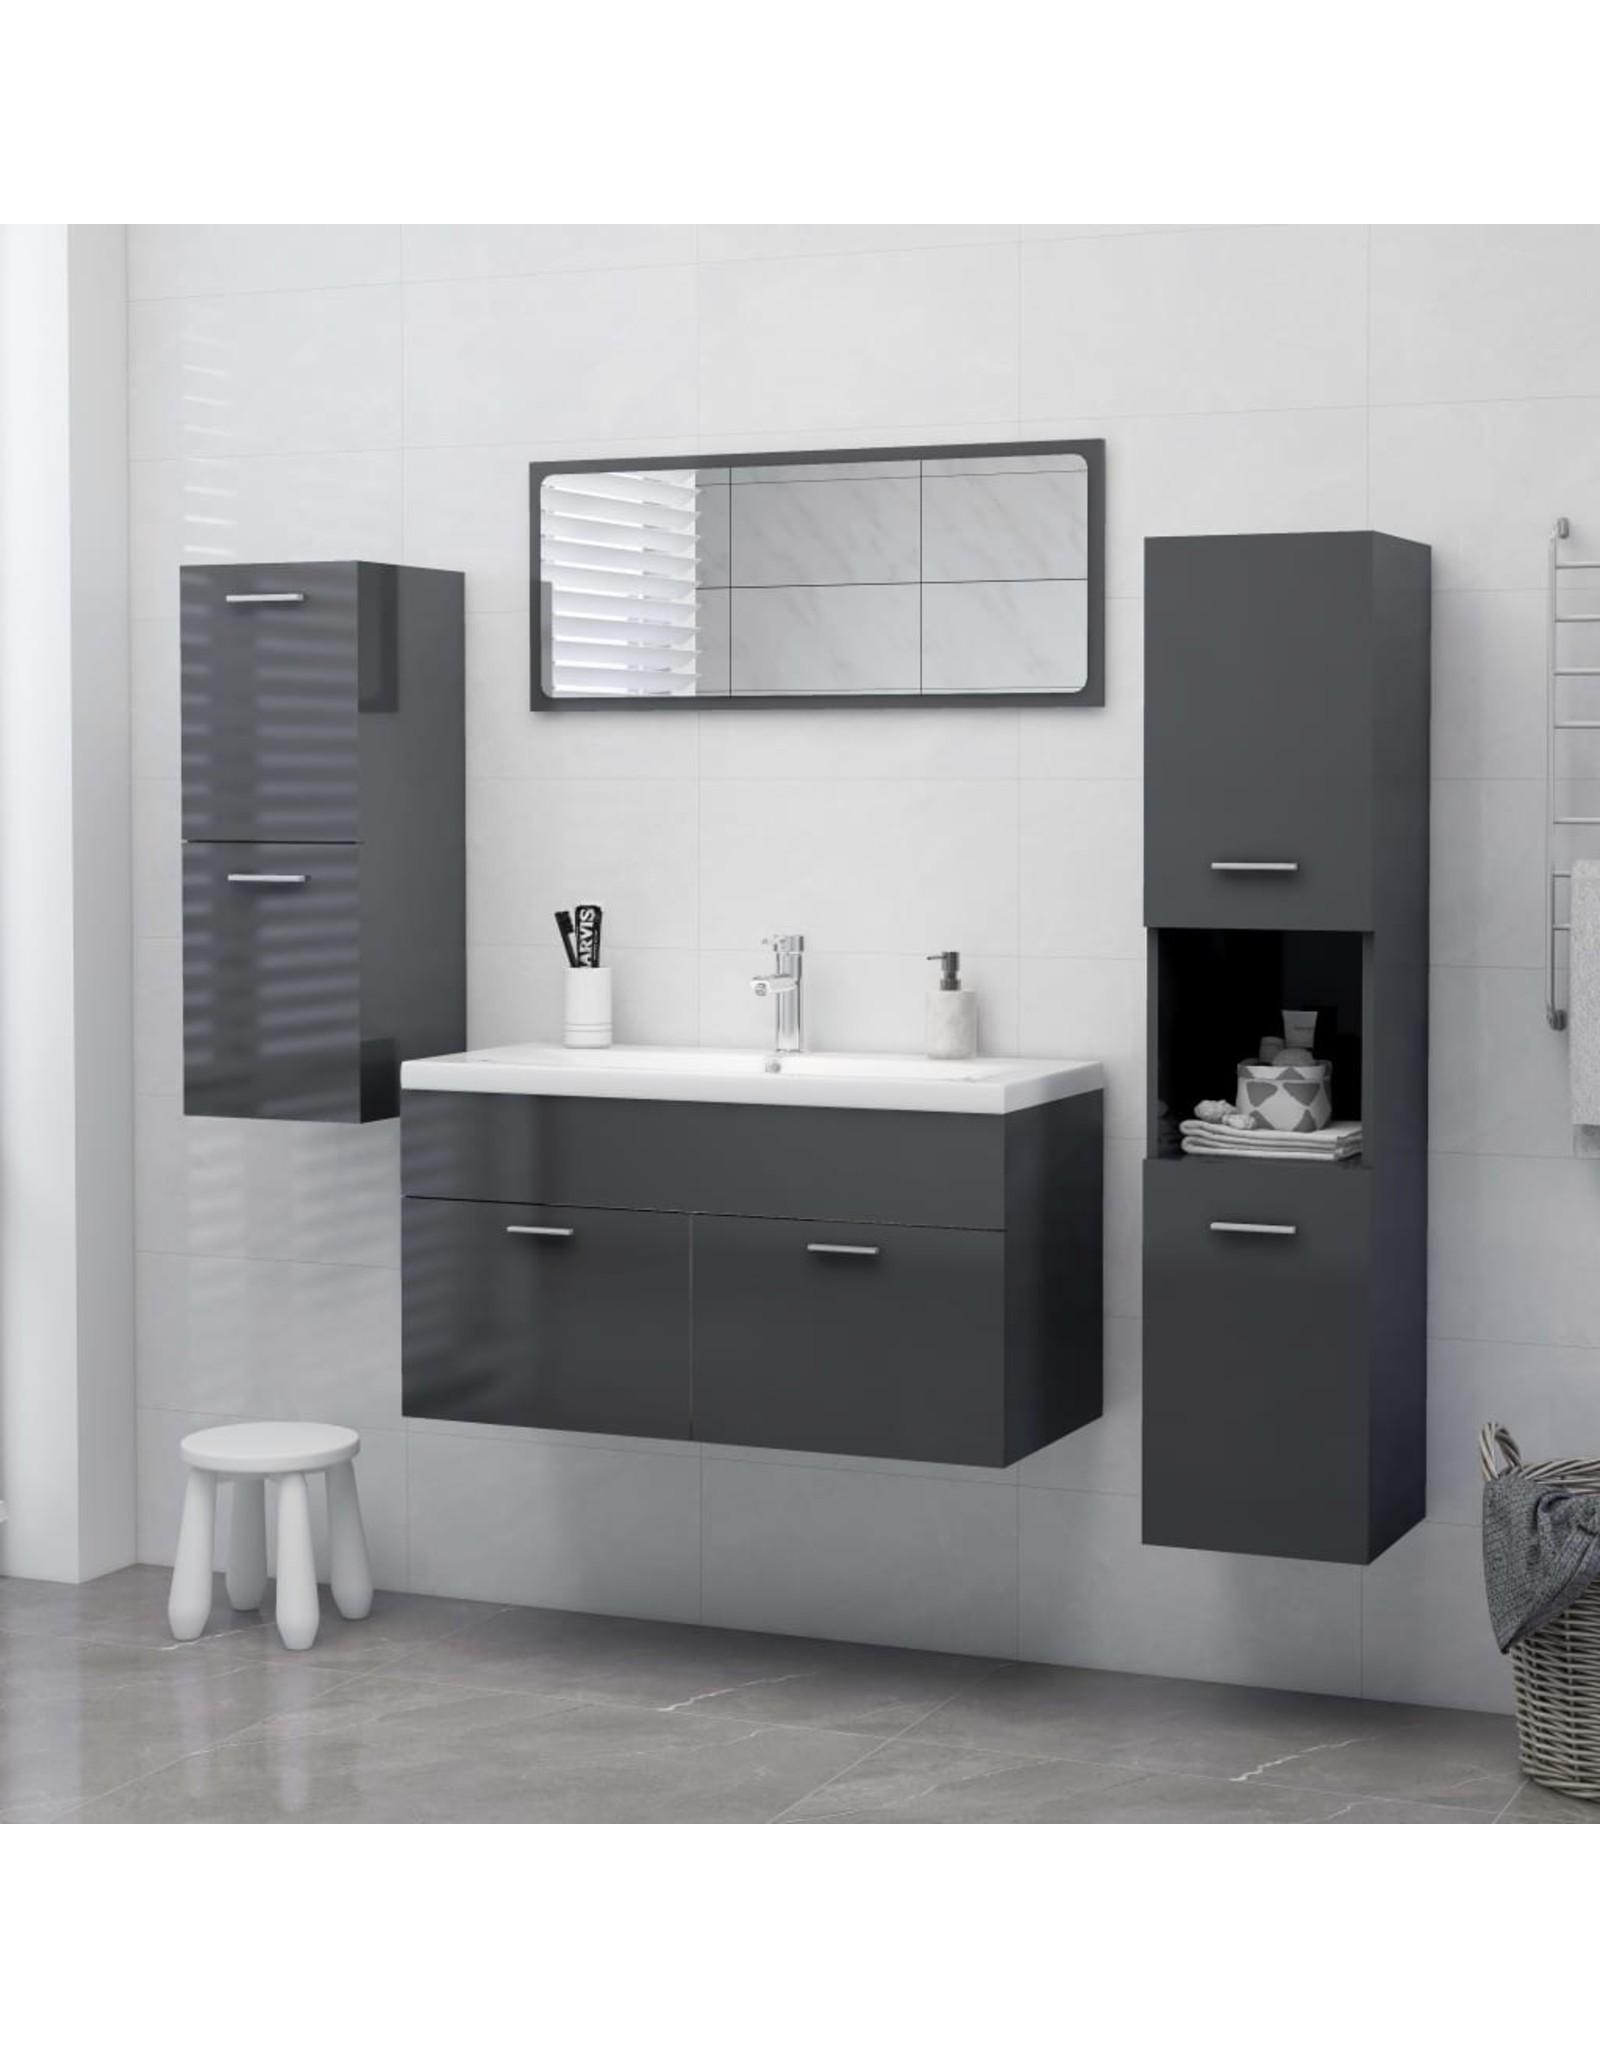 Badkamerkast 30x30x130 cm spaanplaat hoogglans grijs